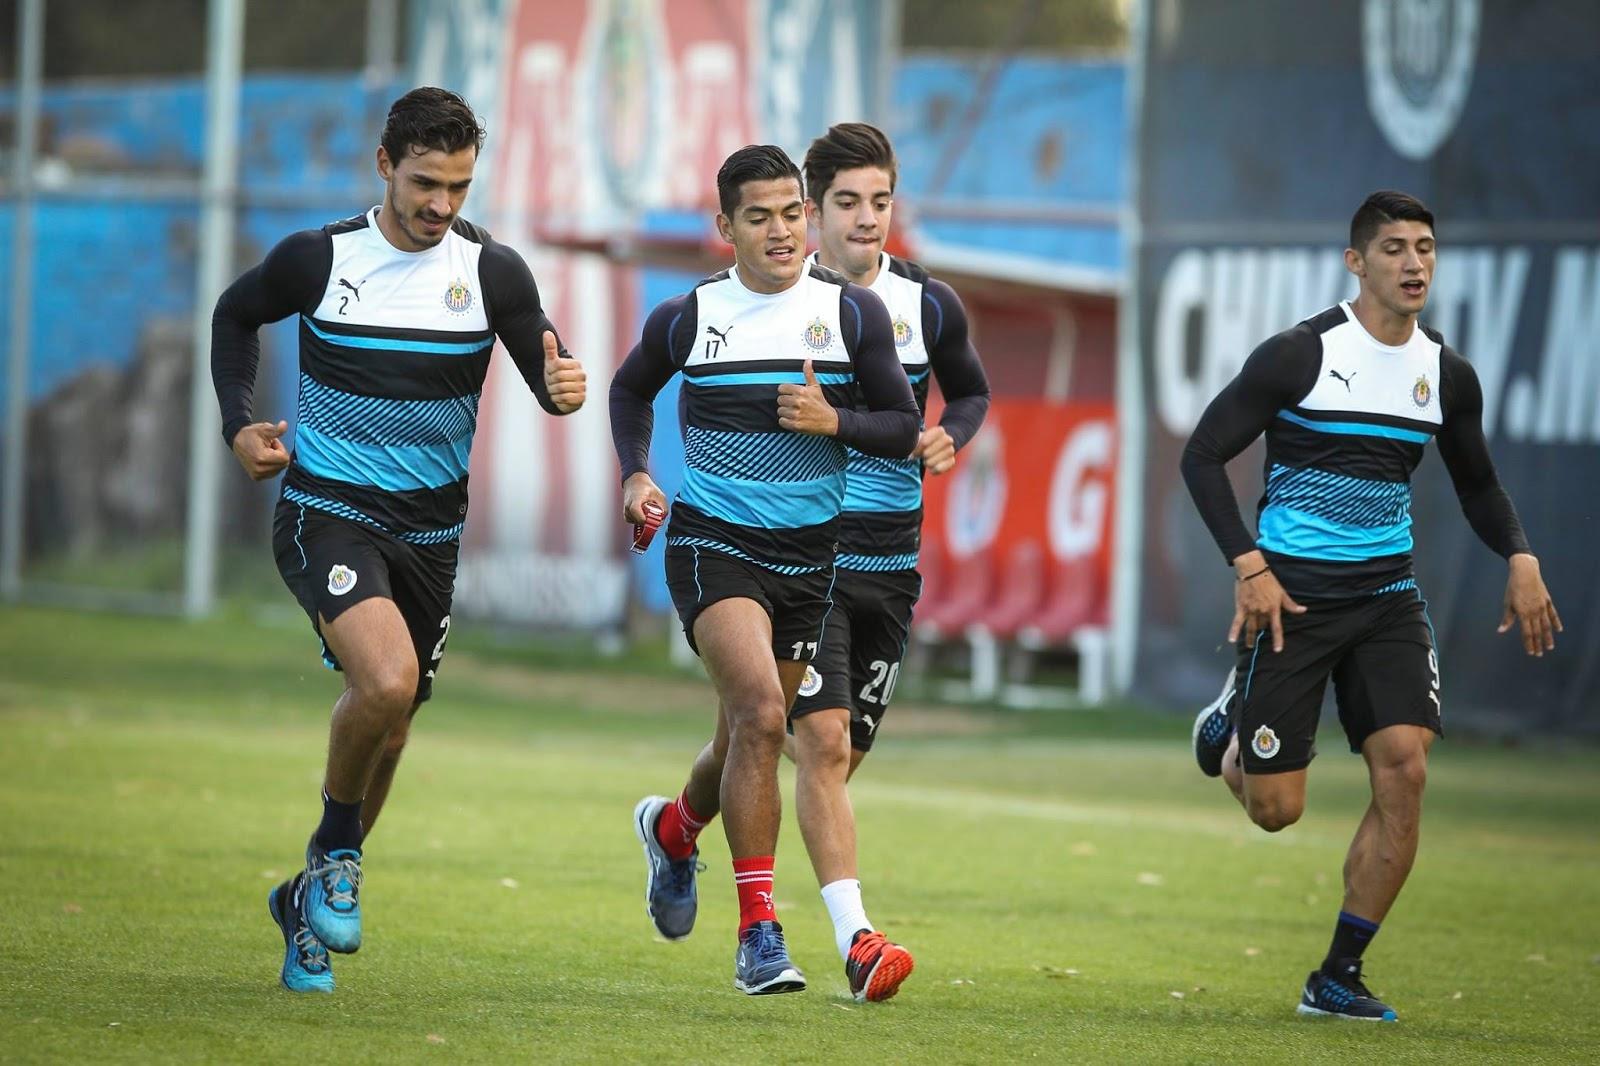 El Guadalajara está listo para buscar el triunfo ante Jaguares.